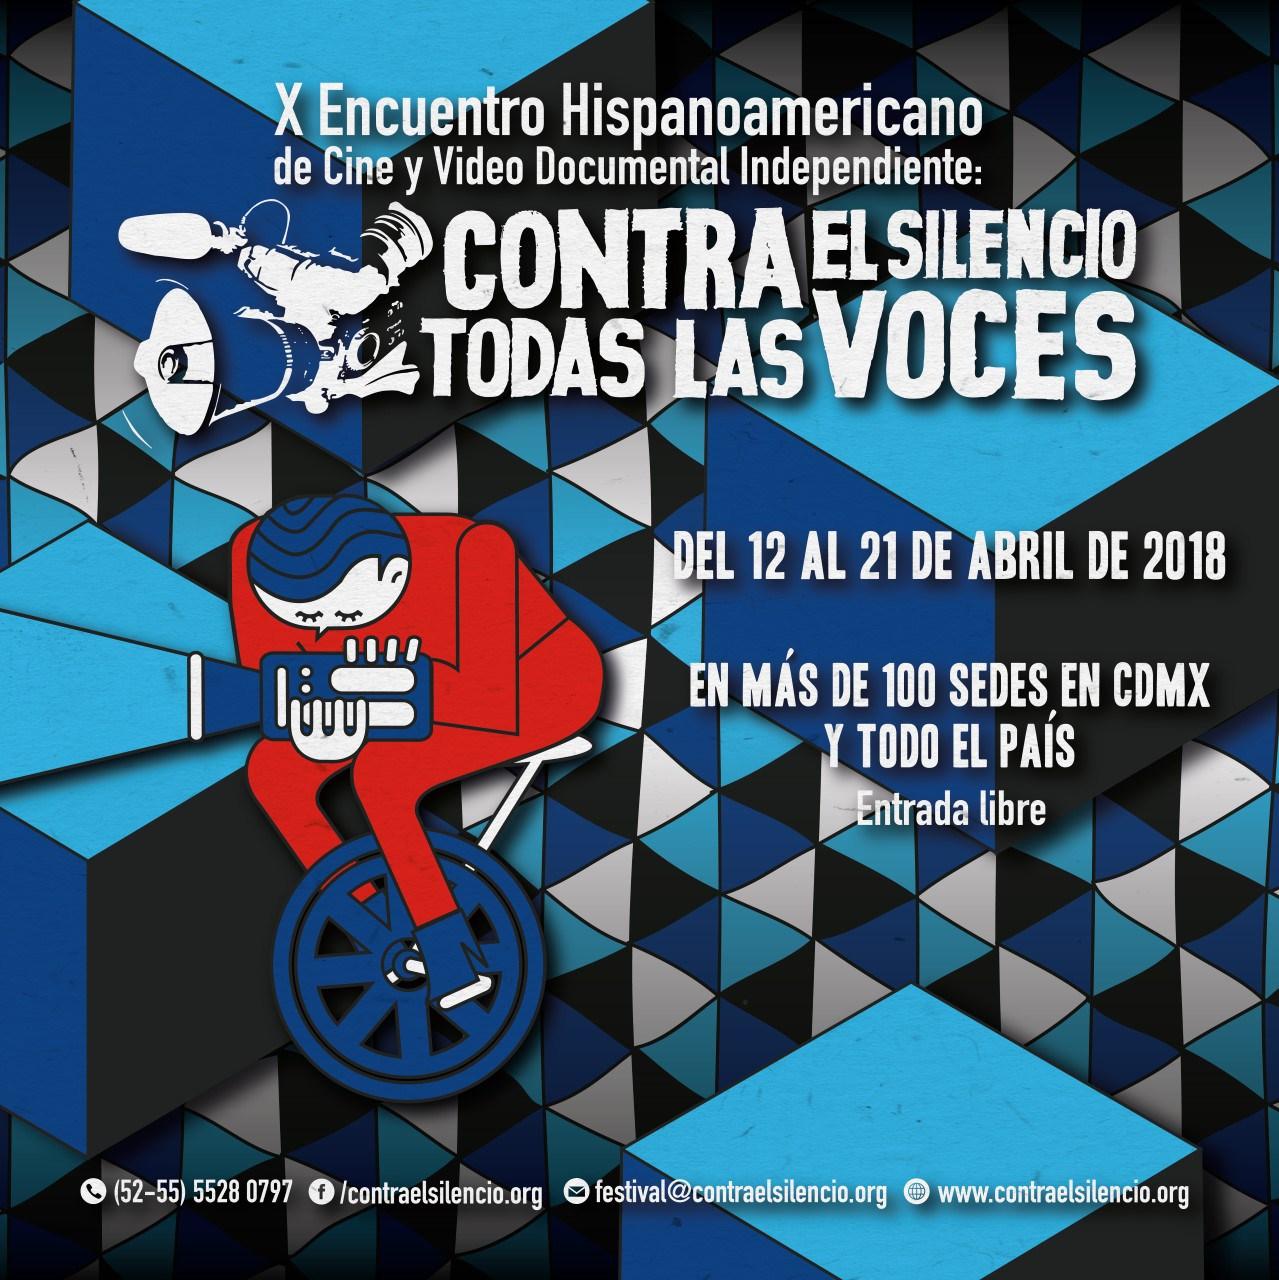 Comienza X Encuentro Hispanoamericano de cine y video documental Independiente